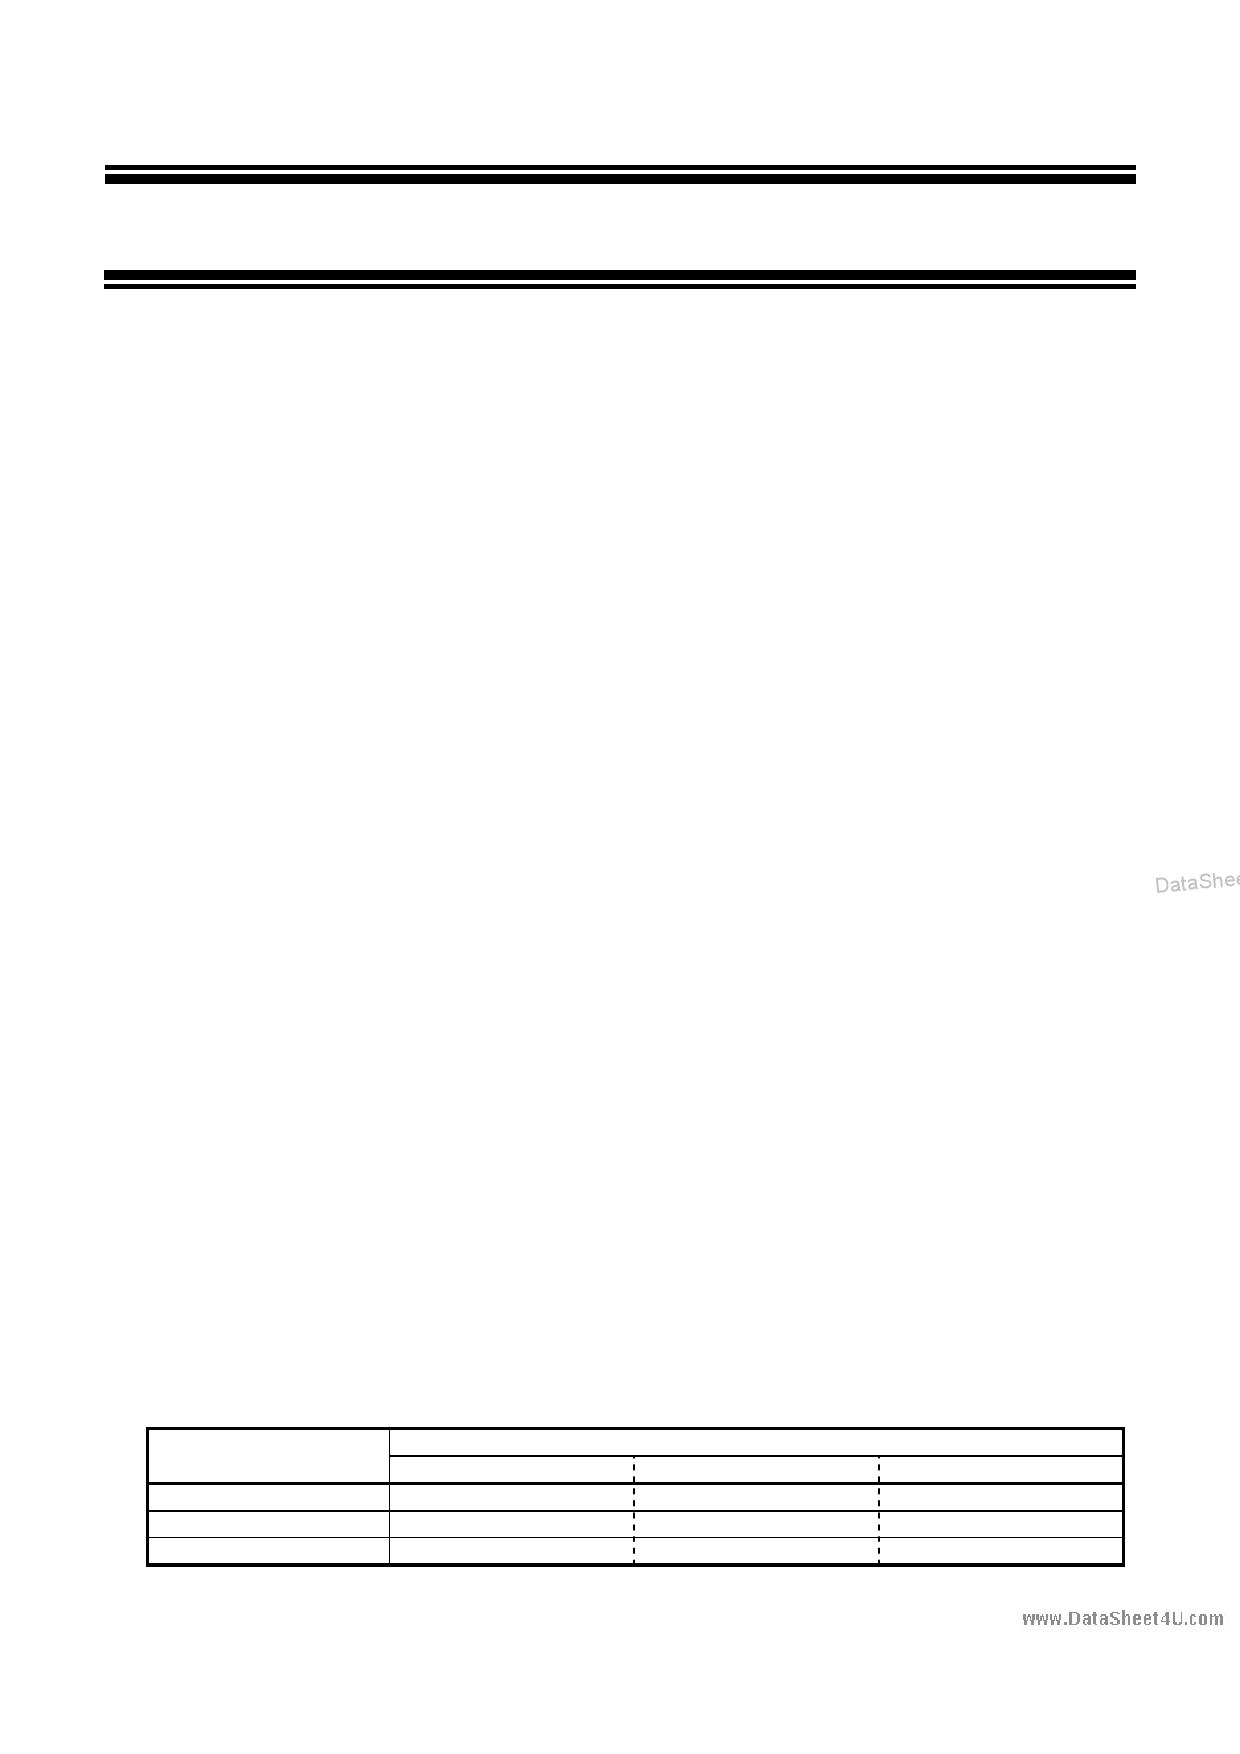 S-1132 datasheet